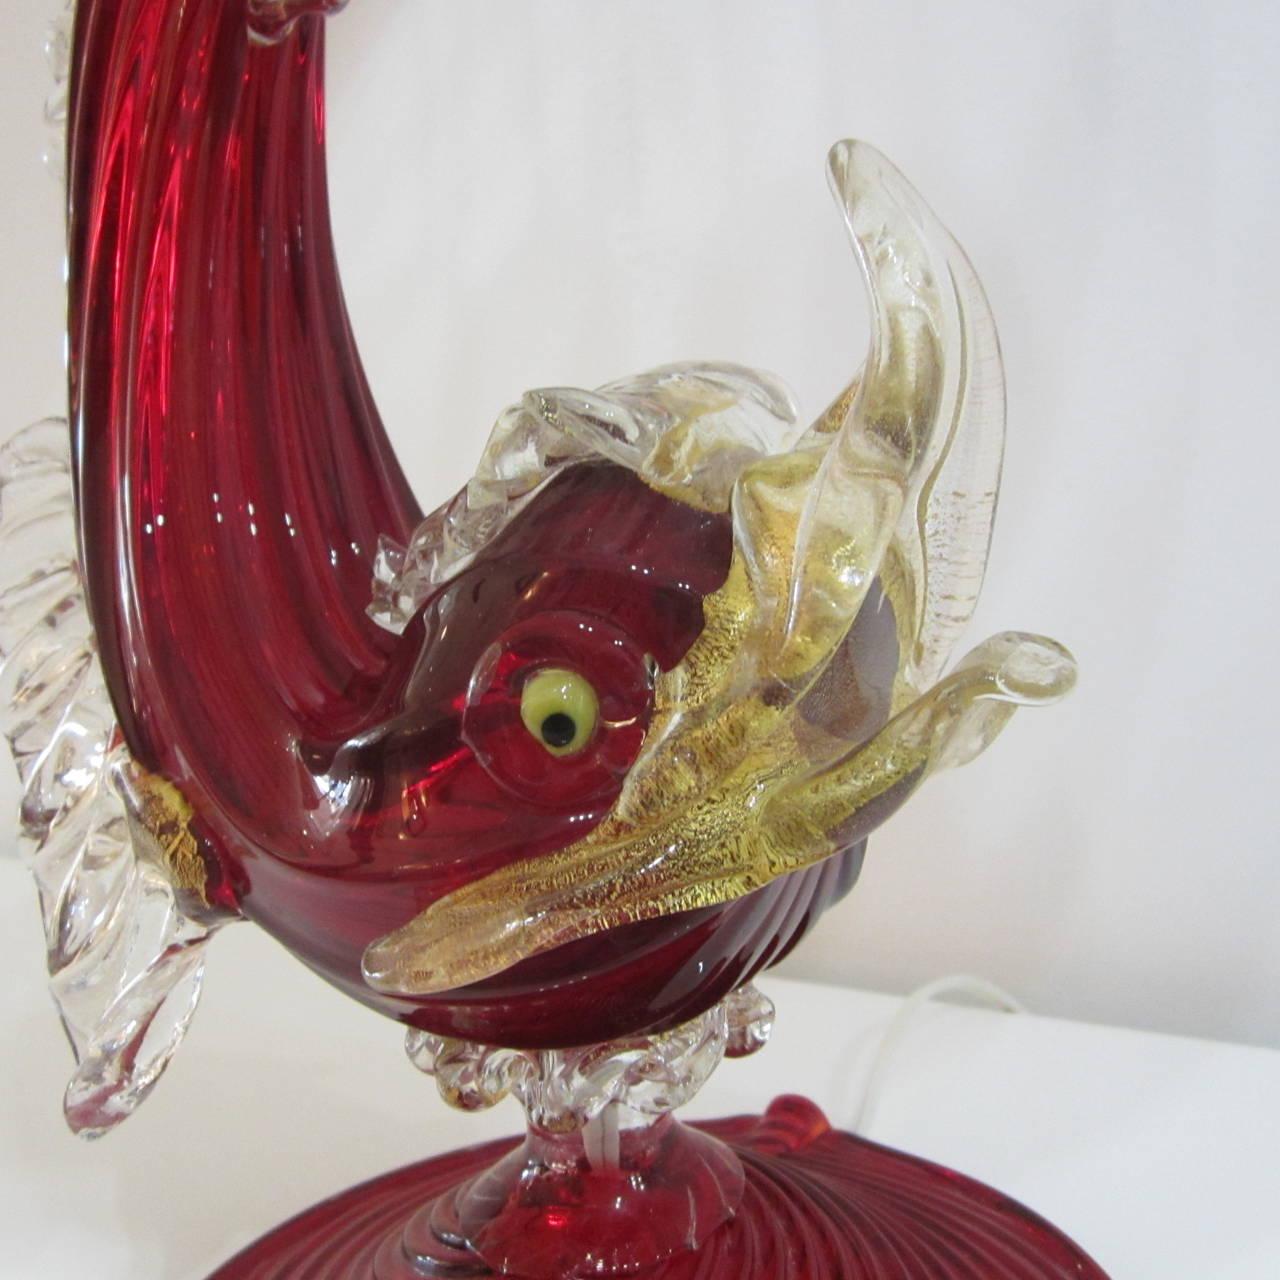 Handblown murano glass fish lamp at 1stdibs for Murano glass fish